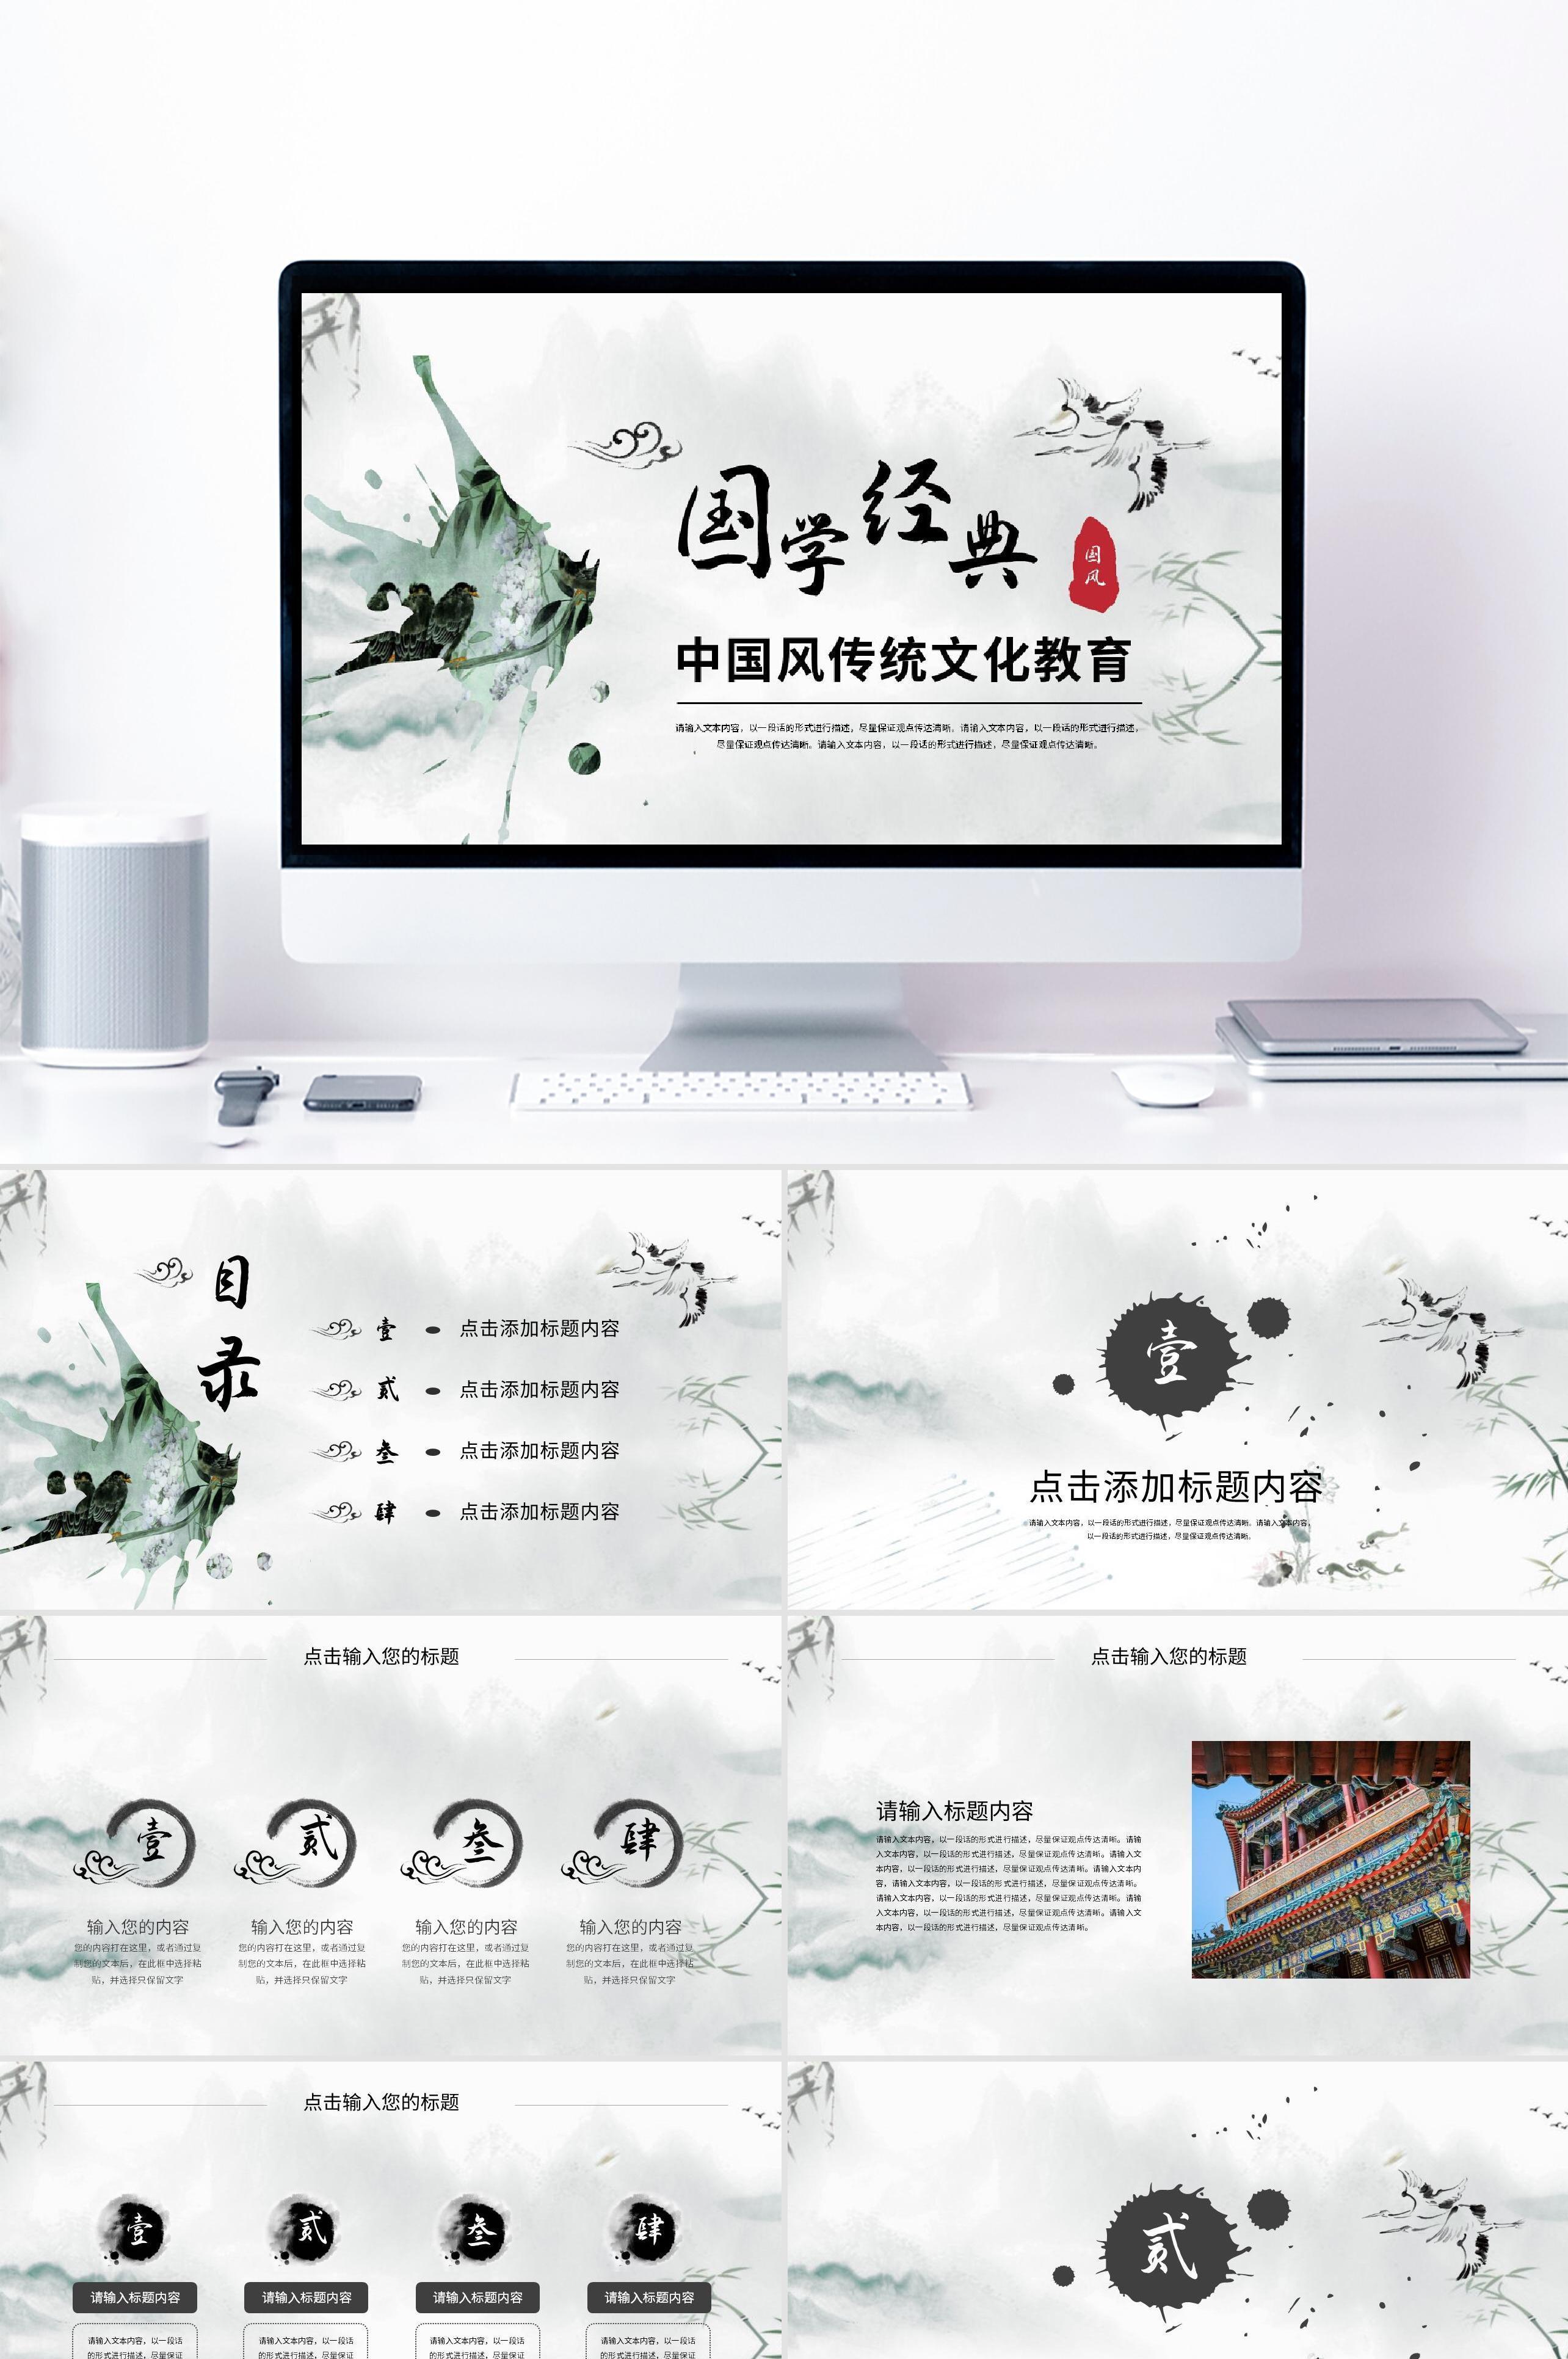 中国风国学文化经典教育幻灯片PPT模板